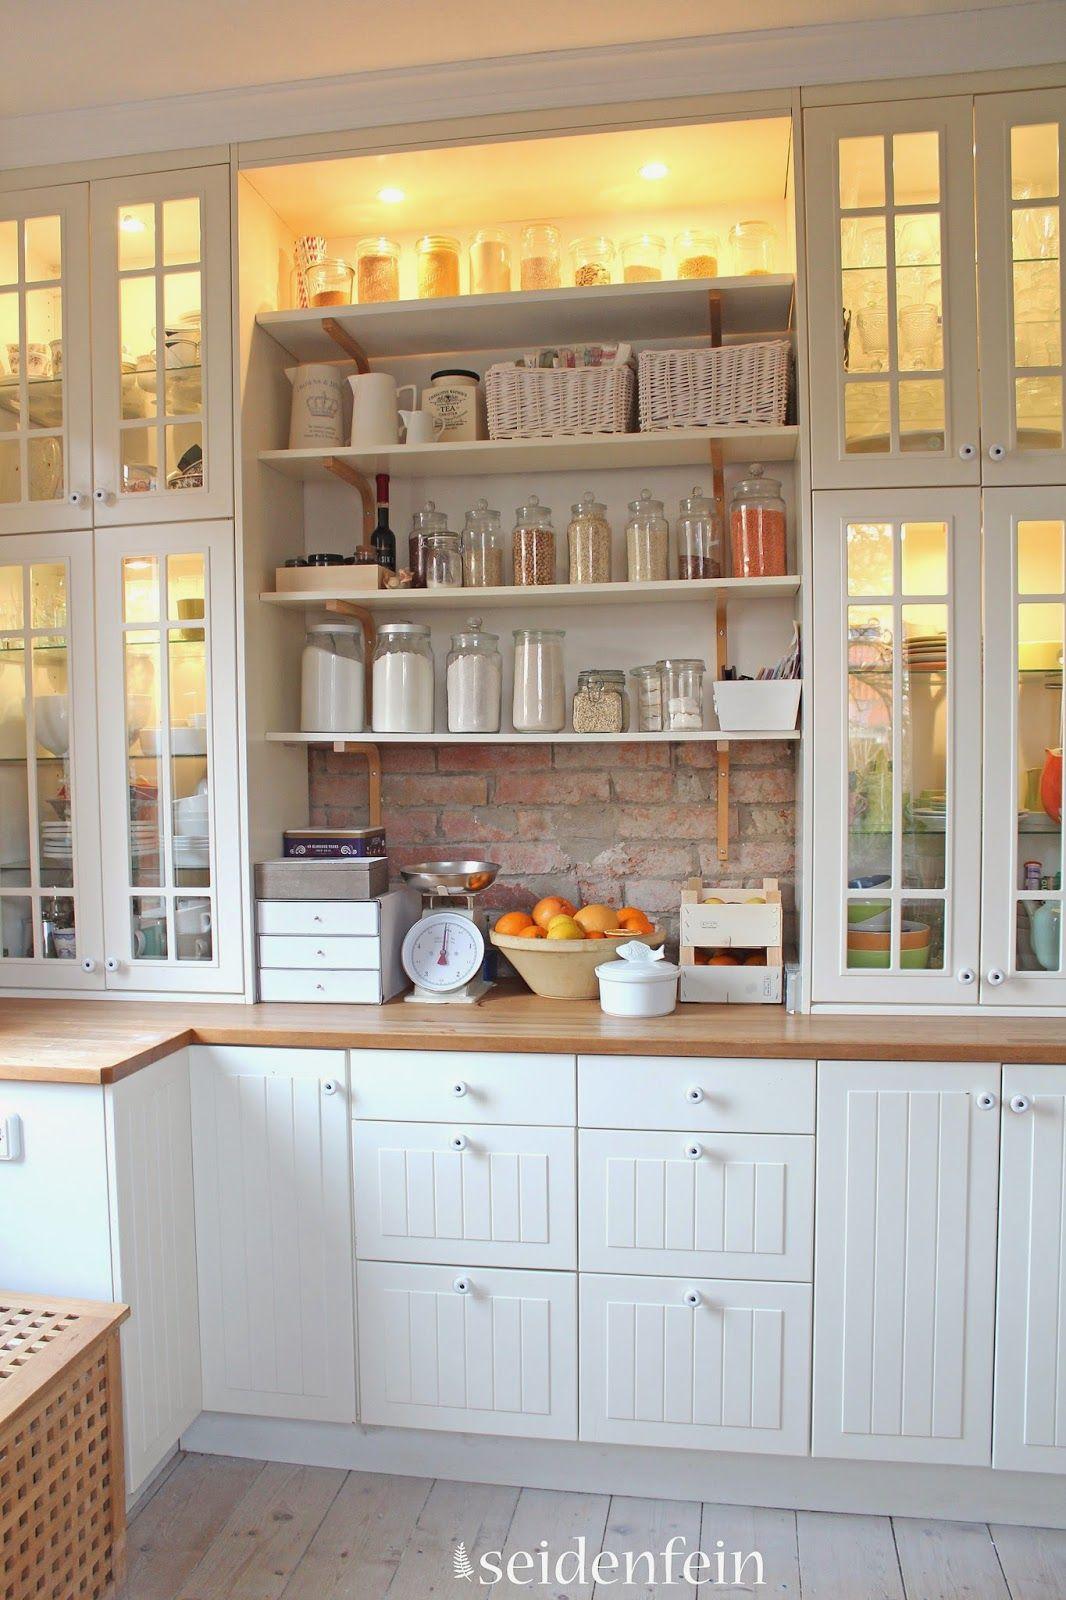 Full Size of Kchen Make Over Little Kitchen Haus Wanddeko Küche Led Panel Ohne Oberschränke Nischenrückwand Weißes Schlafzimmer Glasbilder Miniküche Regal Weisse Wohnzimmer Ikea Küche Landhaus Weiß